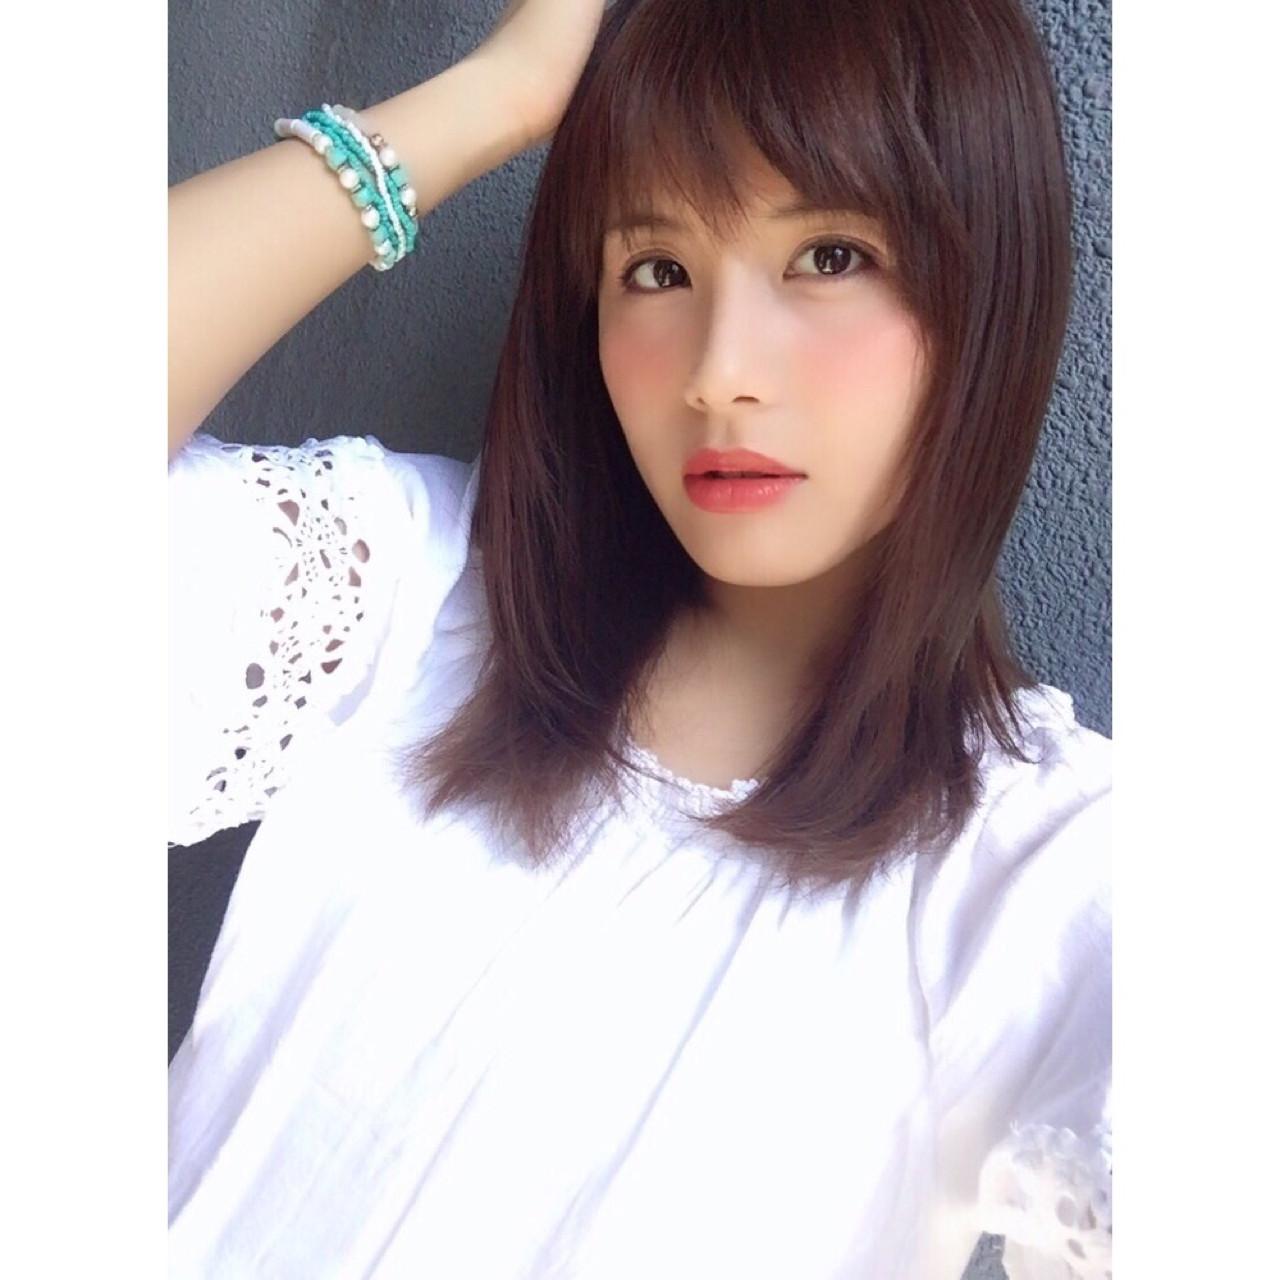 ミディアム 抜け感 ミルクティー 大人かわいい ヘアスタイルや髪型の写真・画像 | サン /